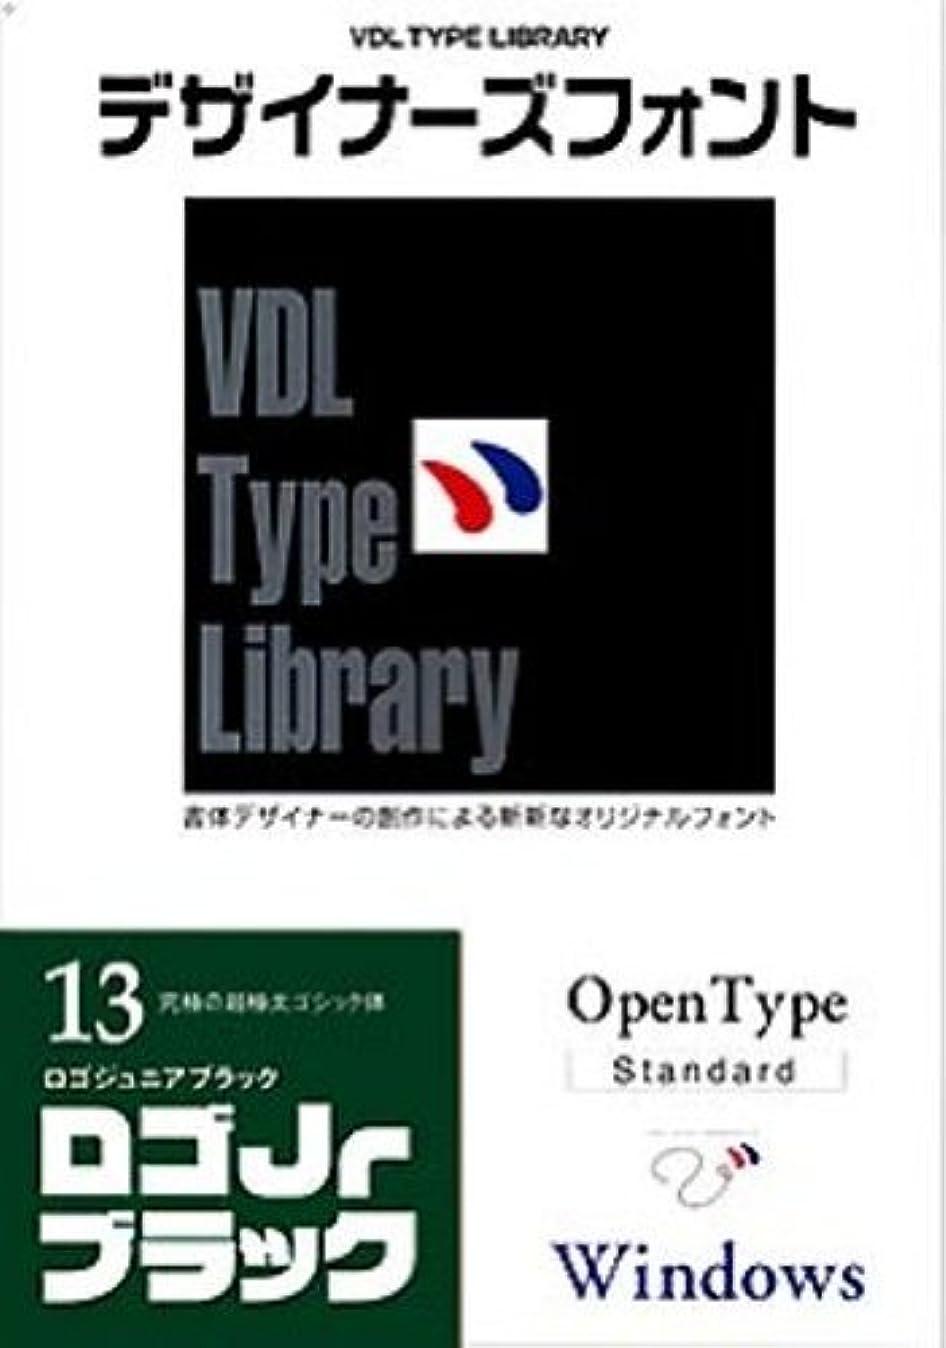 切断するめったに言い換えるとVDL Type Library デザイナーズフォント OpenType (Standard) Windows Vol.13 ロゴJrブラック